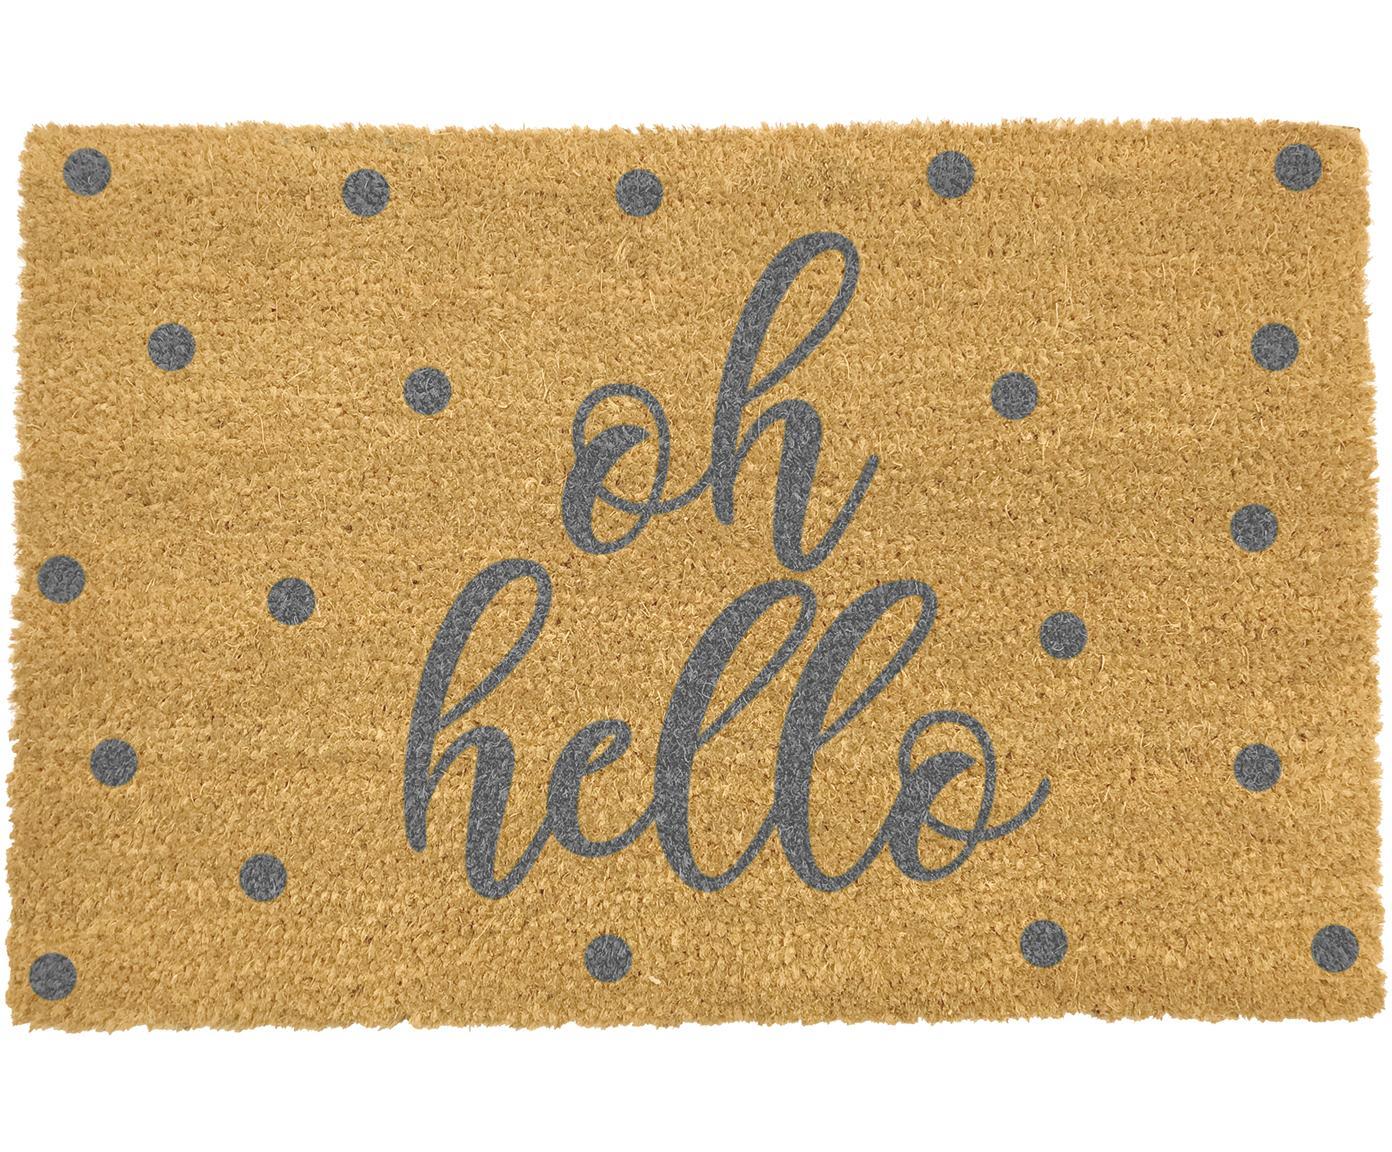 Fußmatte Oh Hello, Oberseite: Kokosfaser, Unterseite: PVC, Beige, Grau, 40 x 60 cm